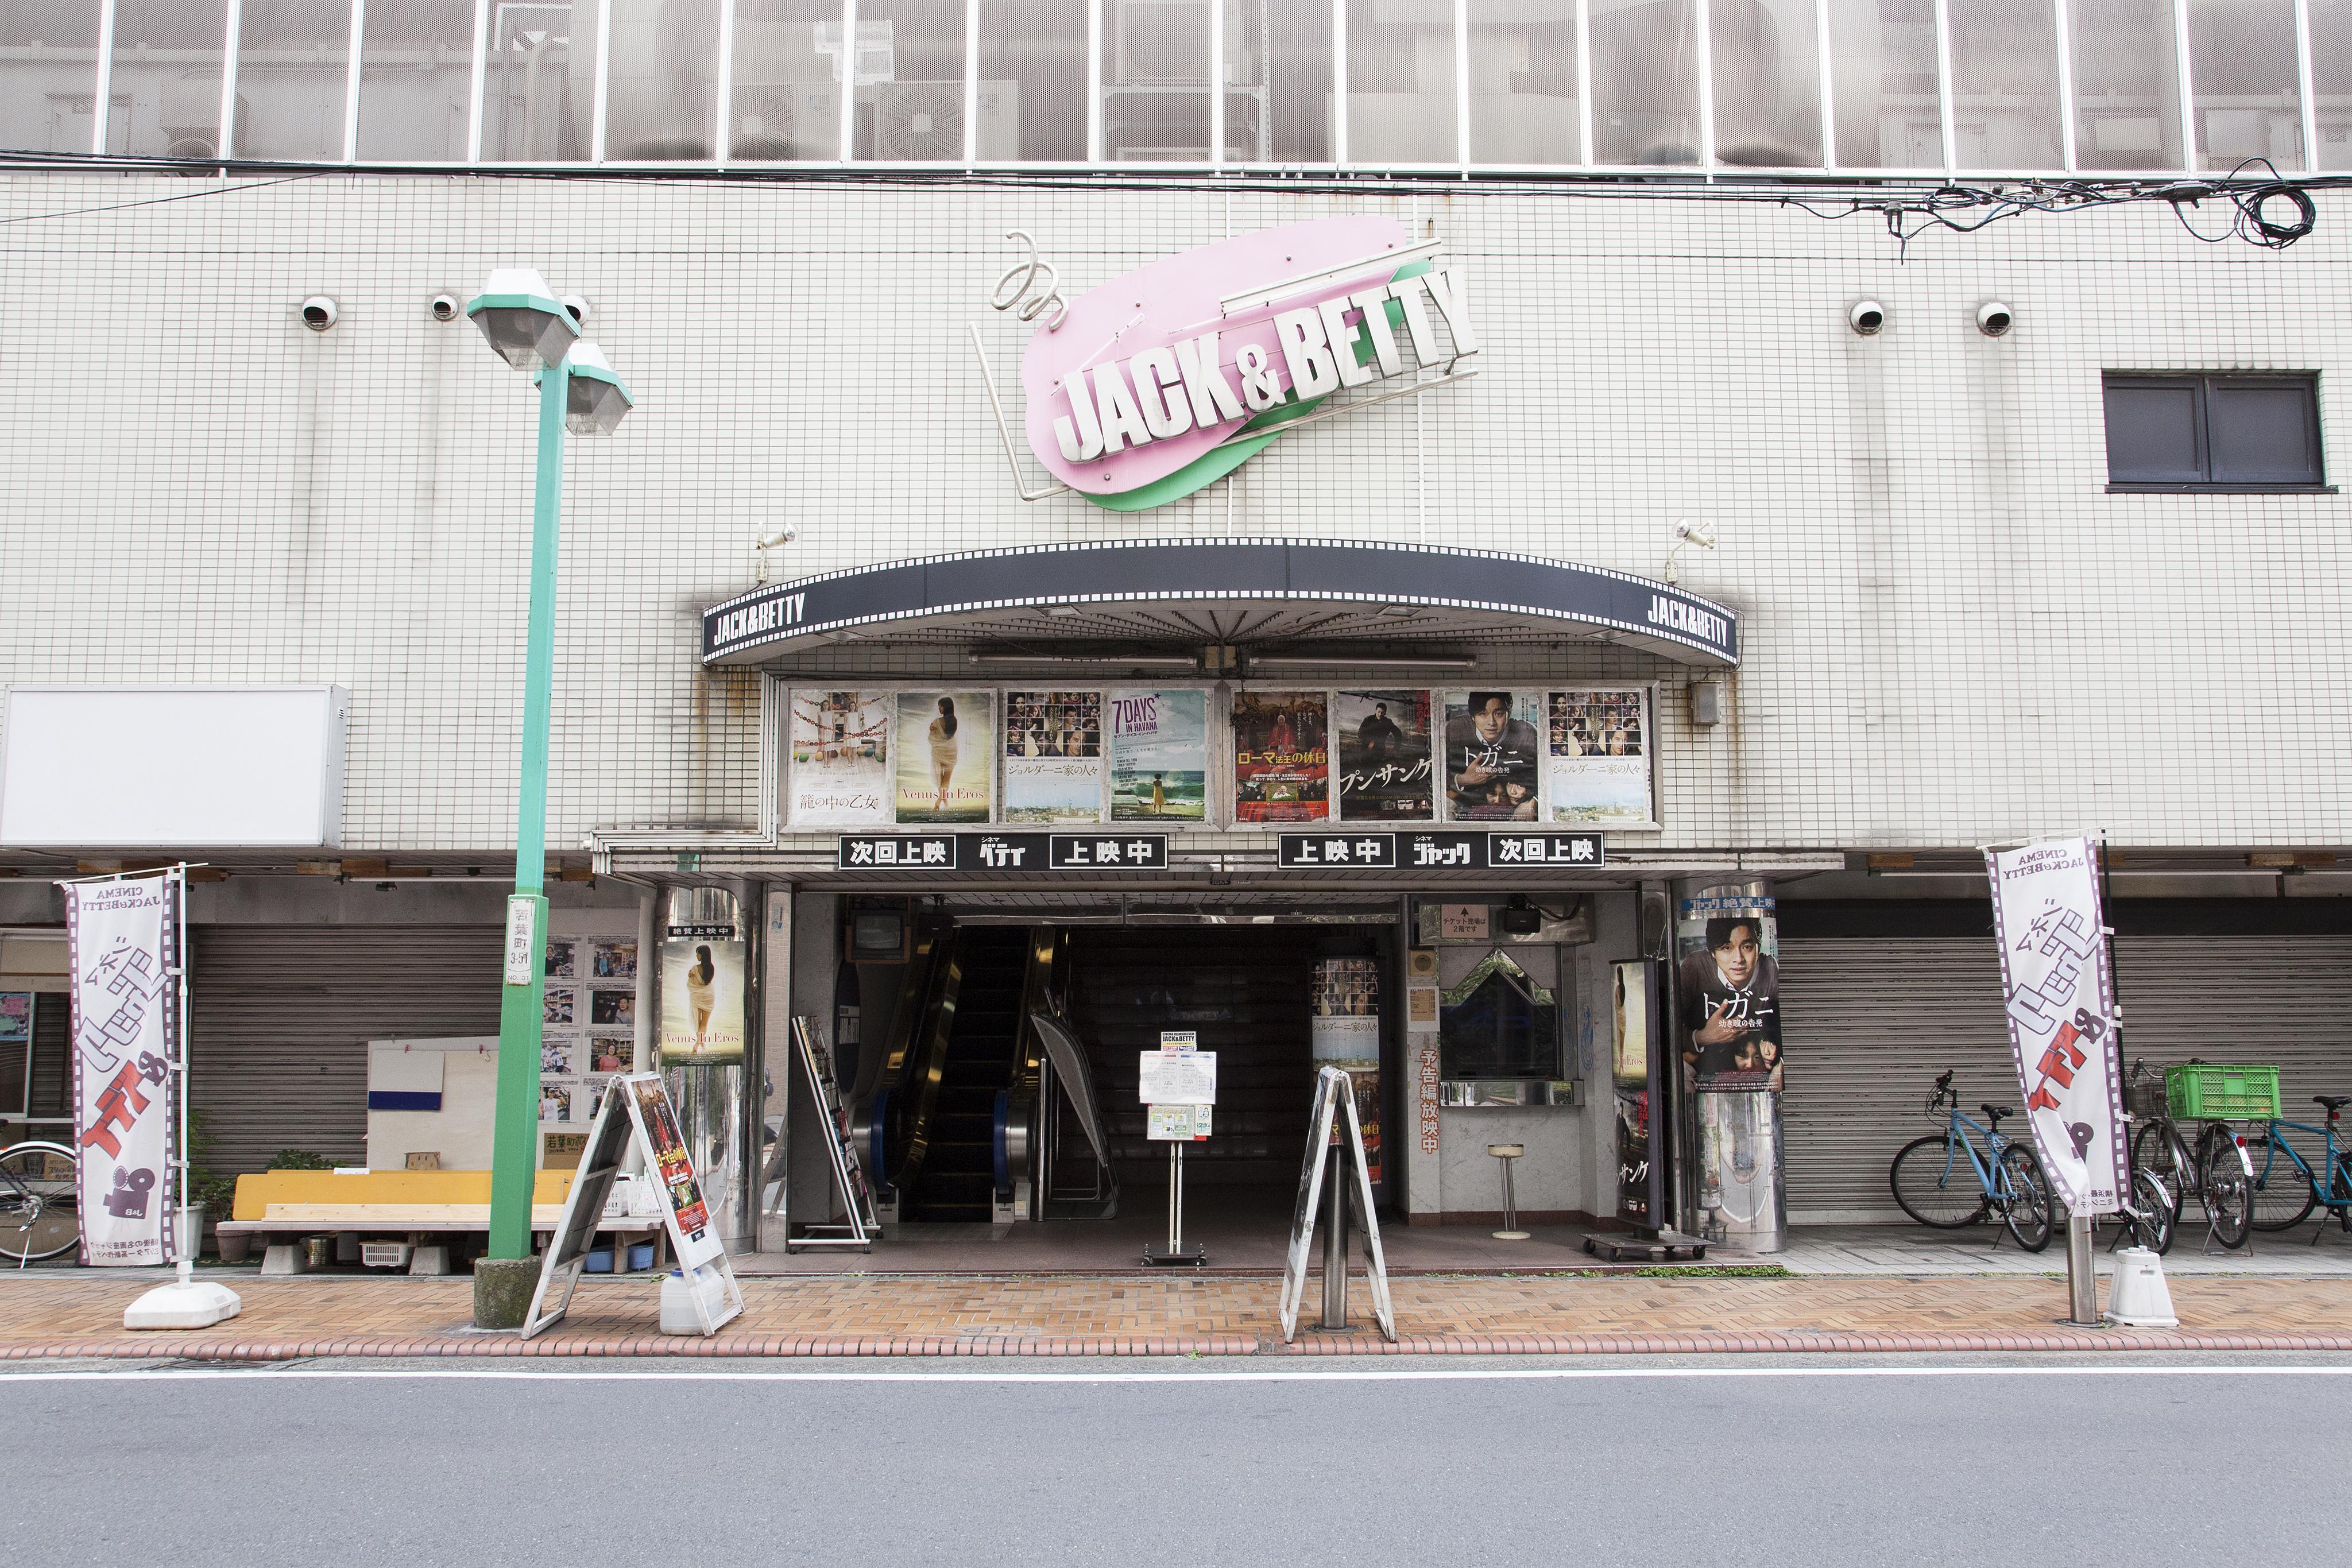 シネマ・ジャック&ベティ(神奈川県)